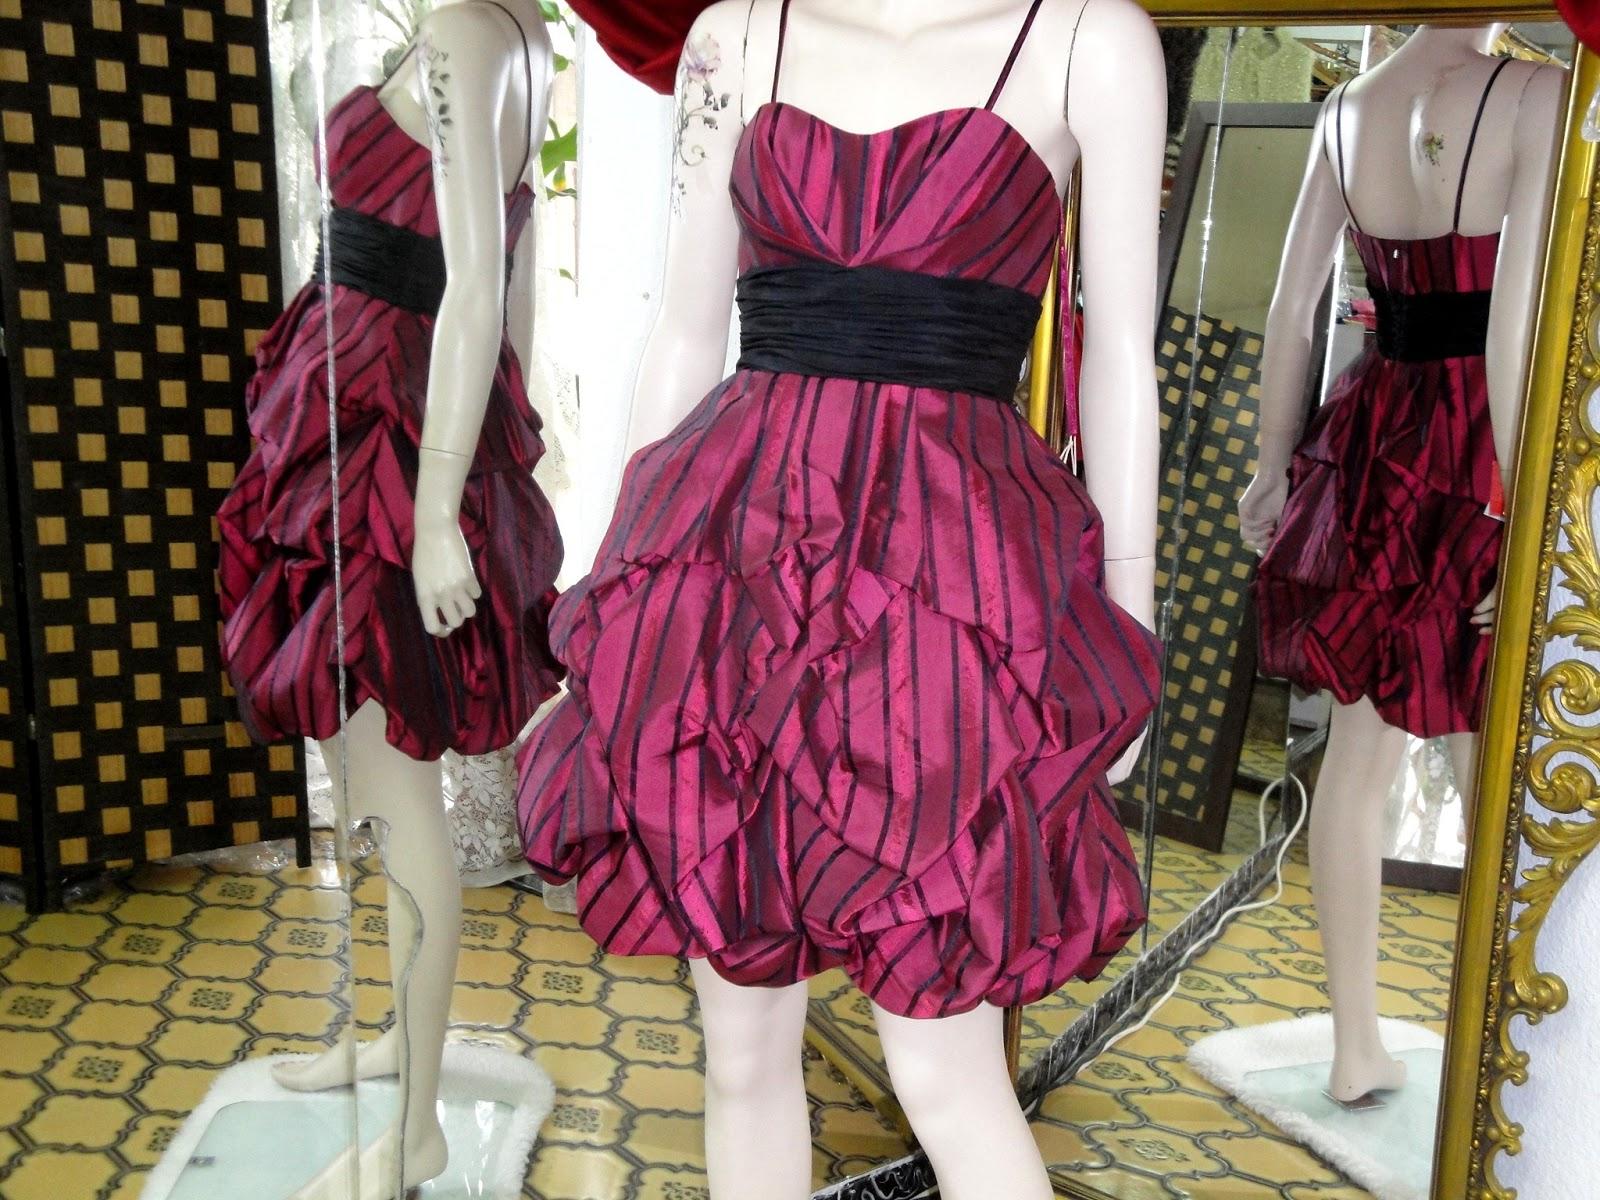 Milanuncios vestidos de fiesta talla 46